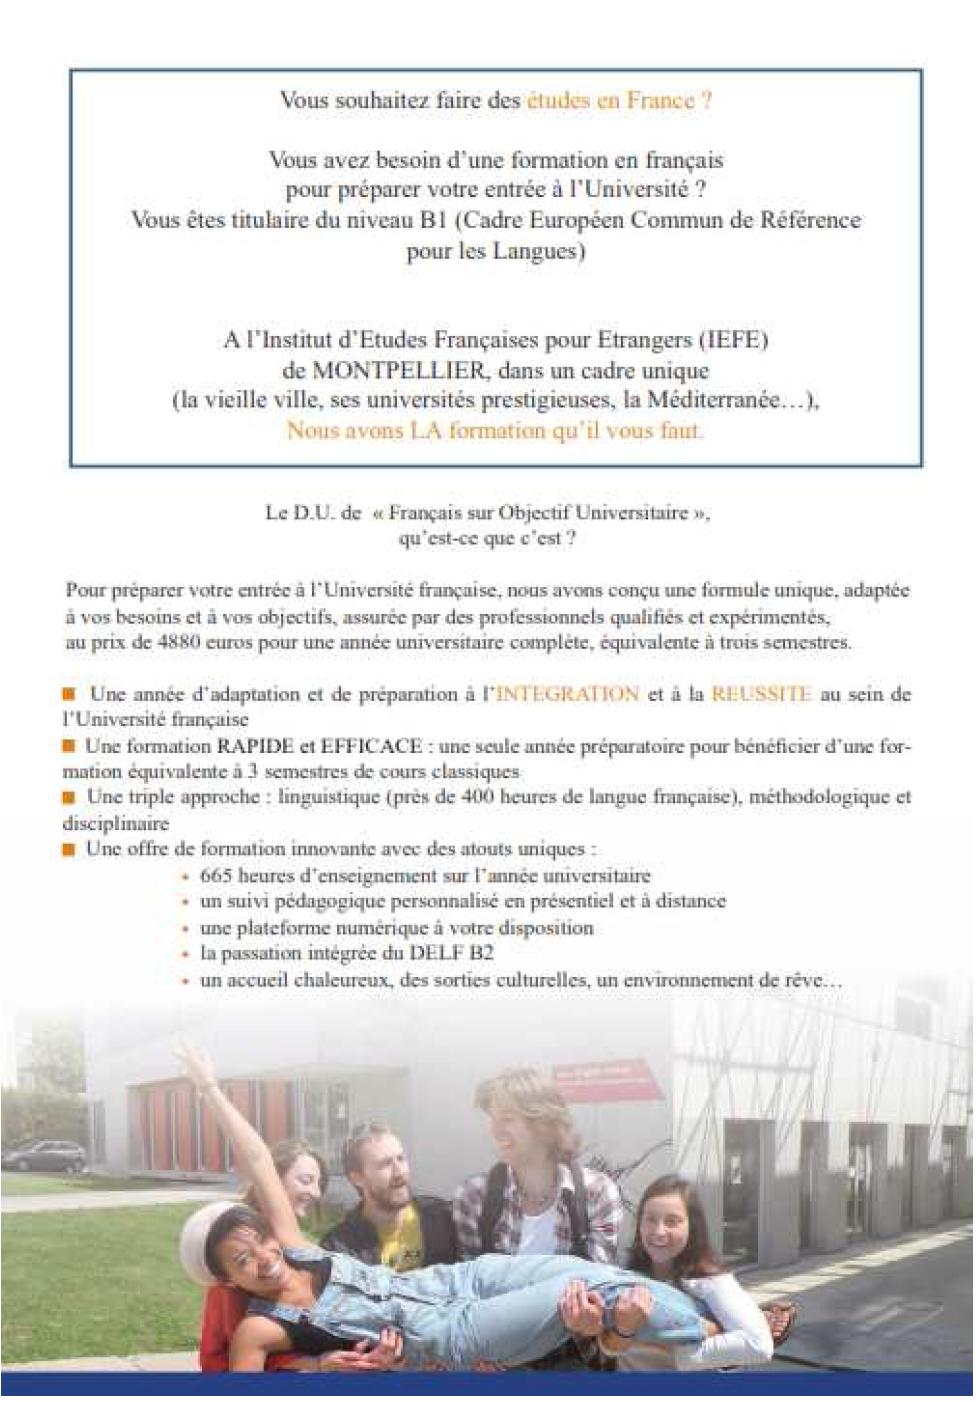 Annexe 1 PRÉPARATION AUX ÉCRITS UNIVERSITAIRES EN FRANÇAIS DES ÉTUDIANTS ÉTRANGERS AVEC UN DISPOSITIF MULTIMÉDIA EN FRANÇAIS SUR OBJECTIF UNIVERSITAIRE